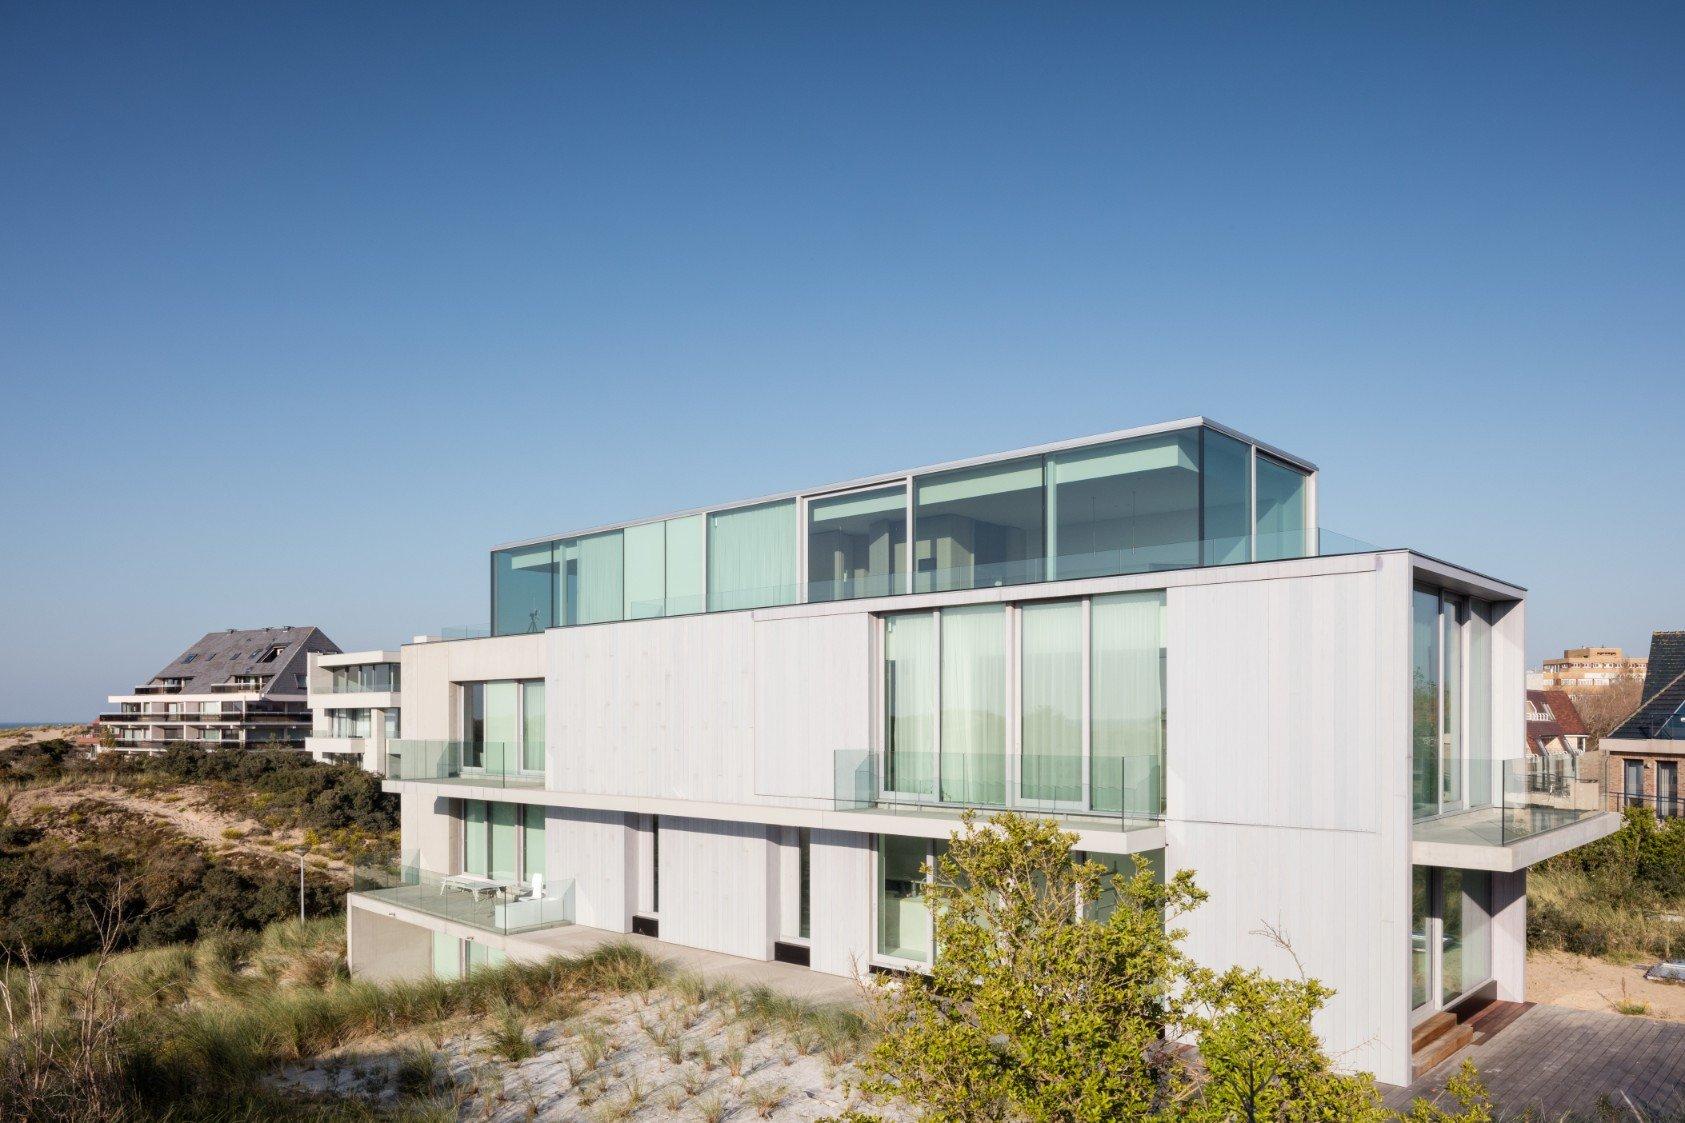 Rietveldprojects-saarinen-appartement-design-architectuur-kust-tvdv14